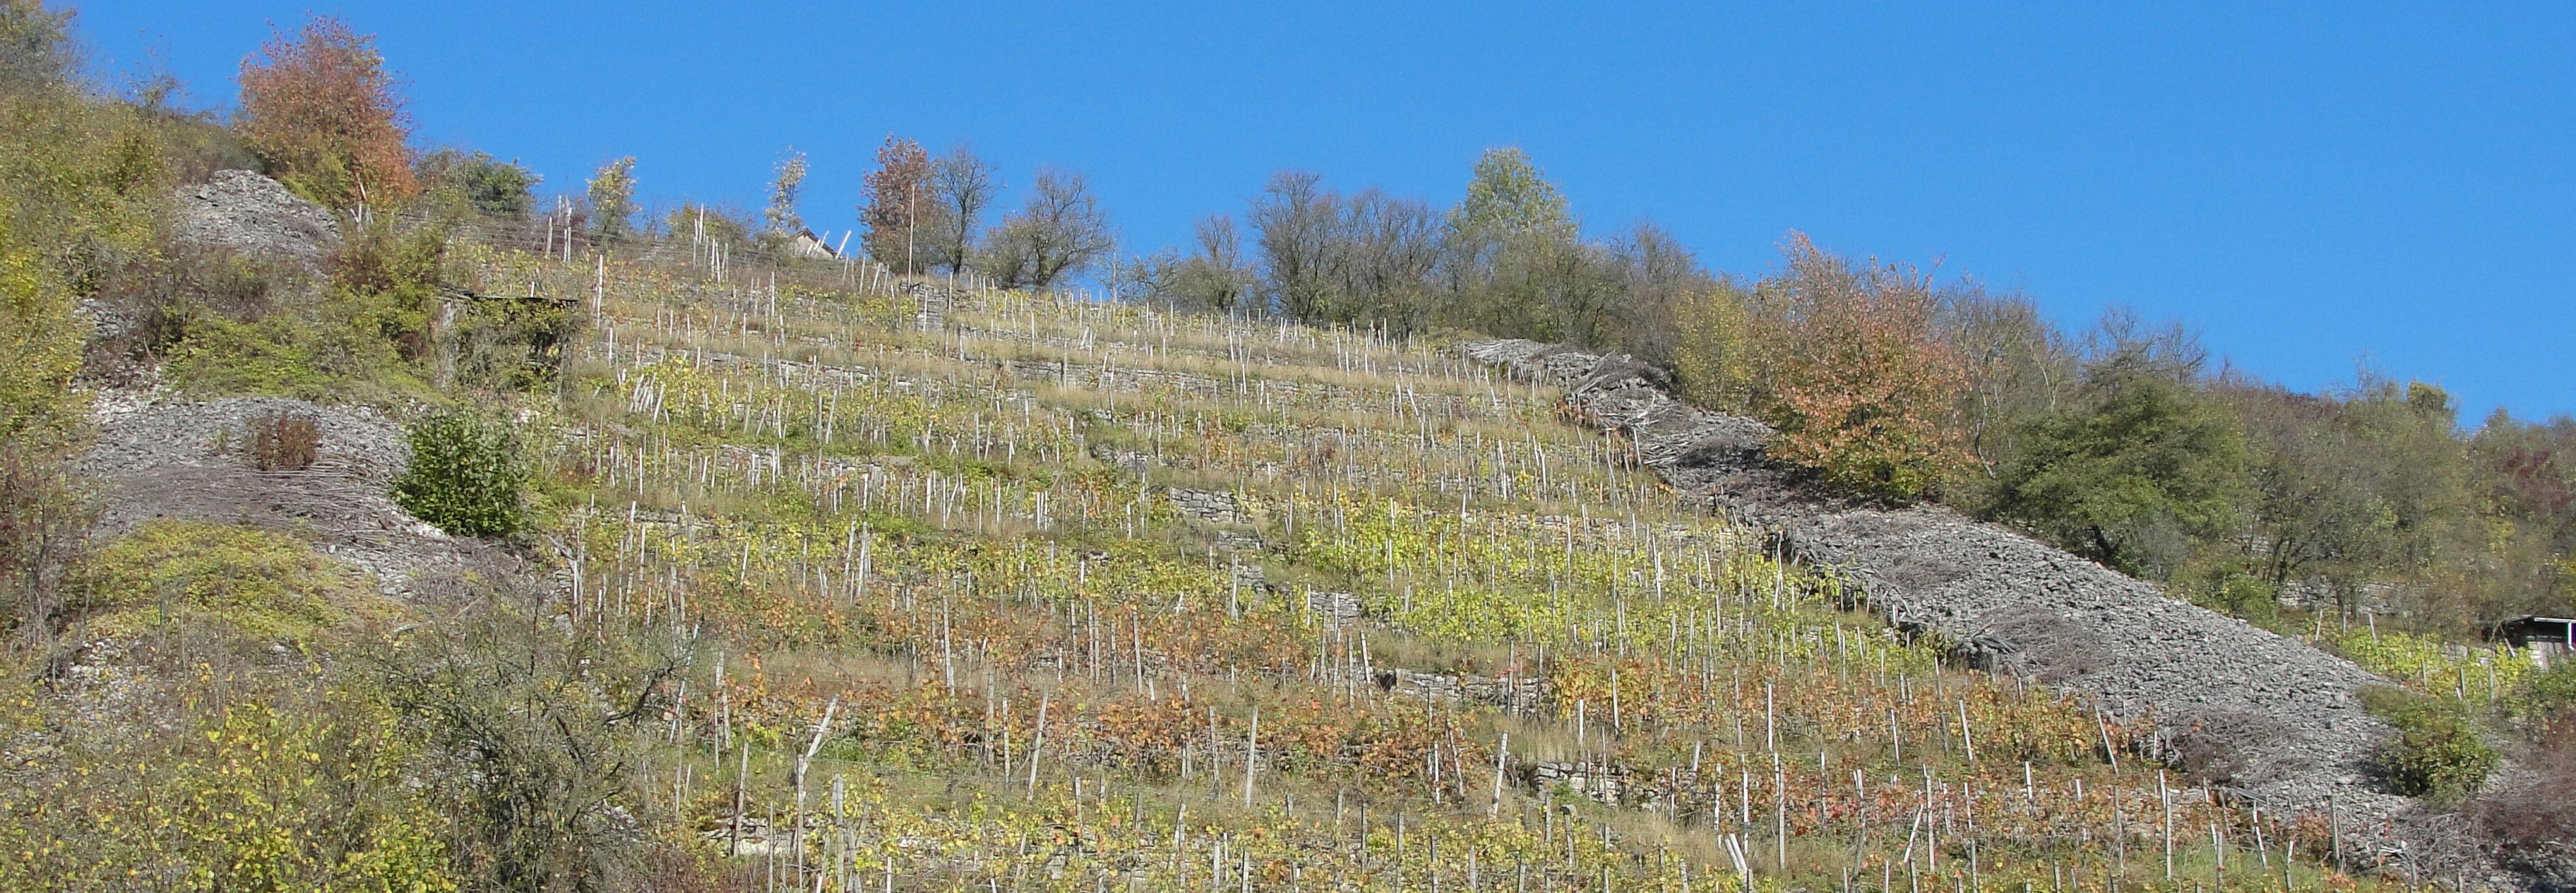 Das Naturerbe der Weinbaulandschaft im Unterland: 3.12. in Widdern